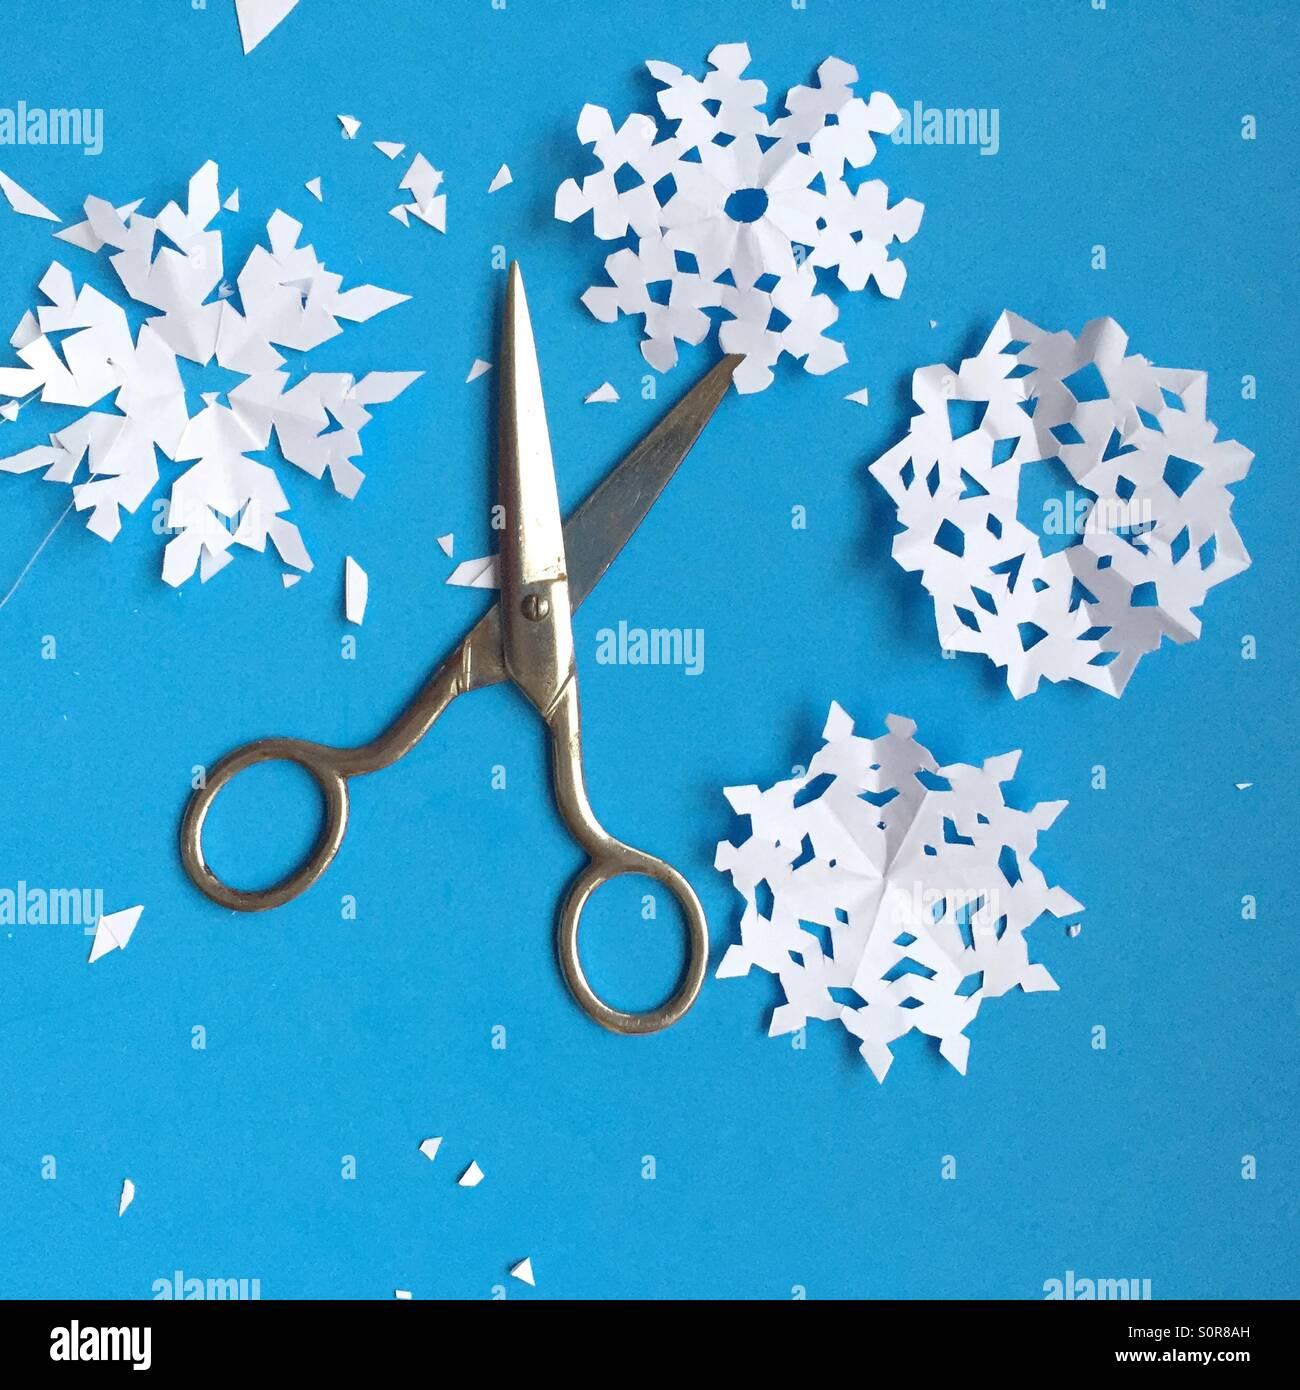 Los copos de nieve de papel y tijeras Imagen De Stock